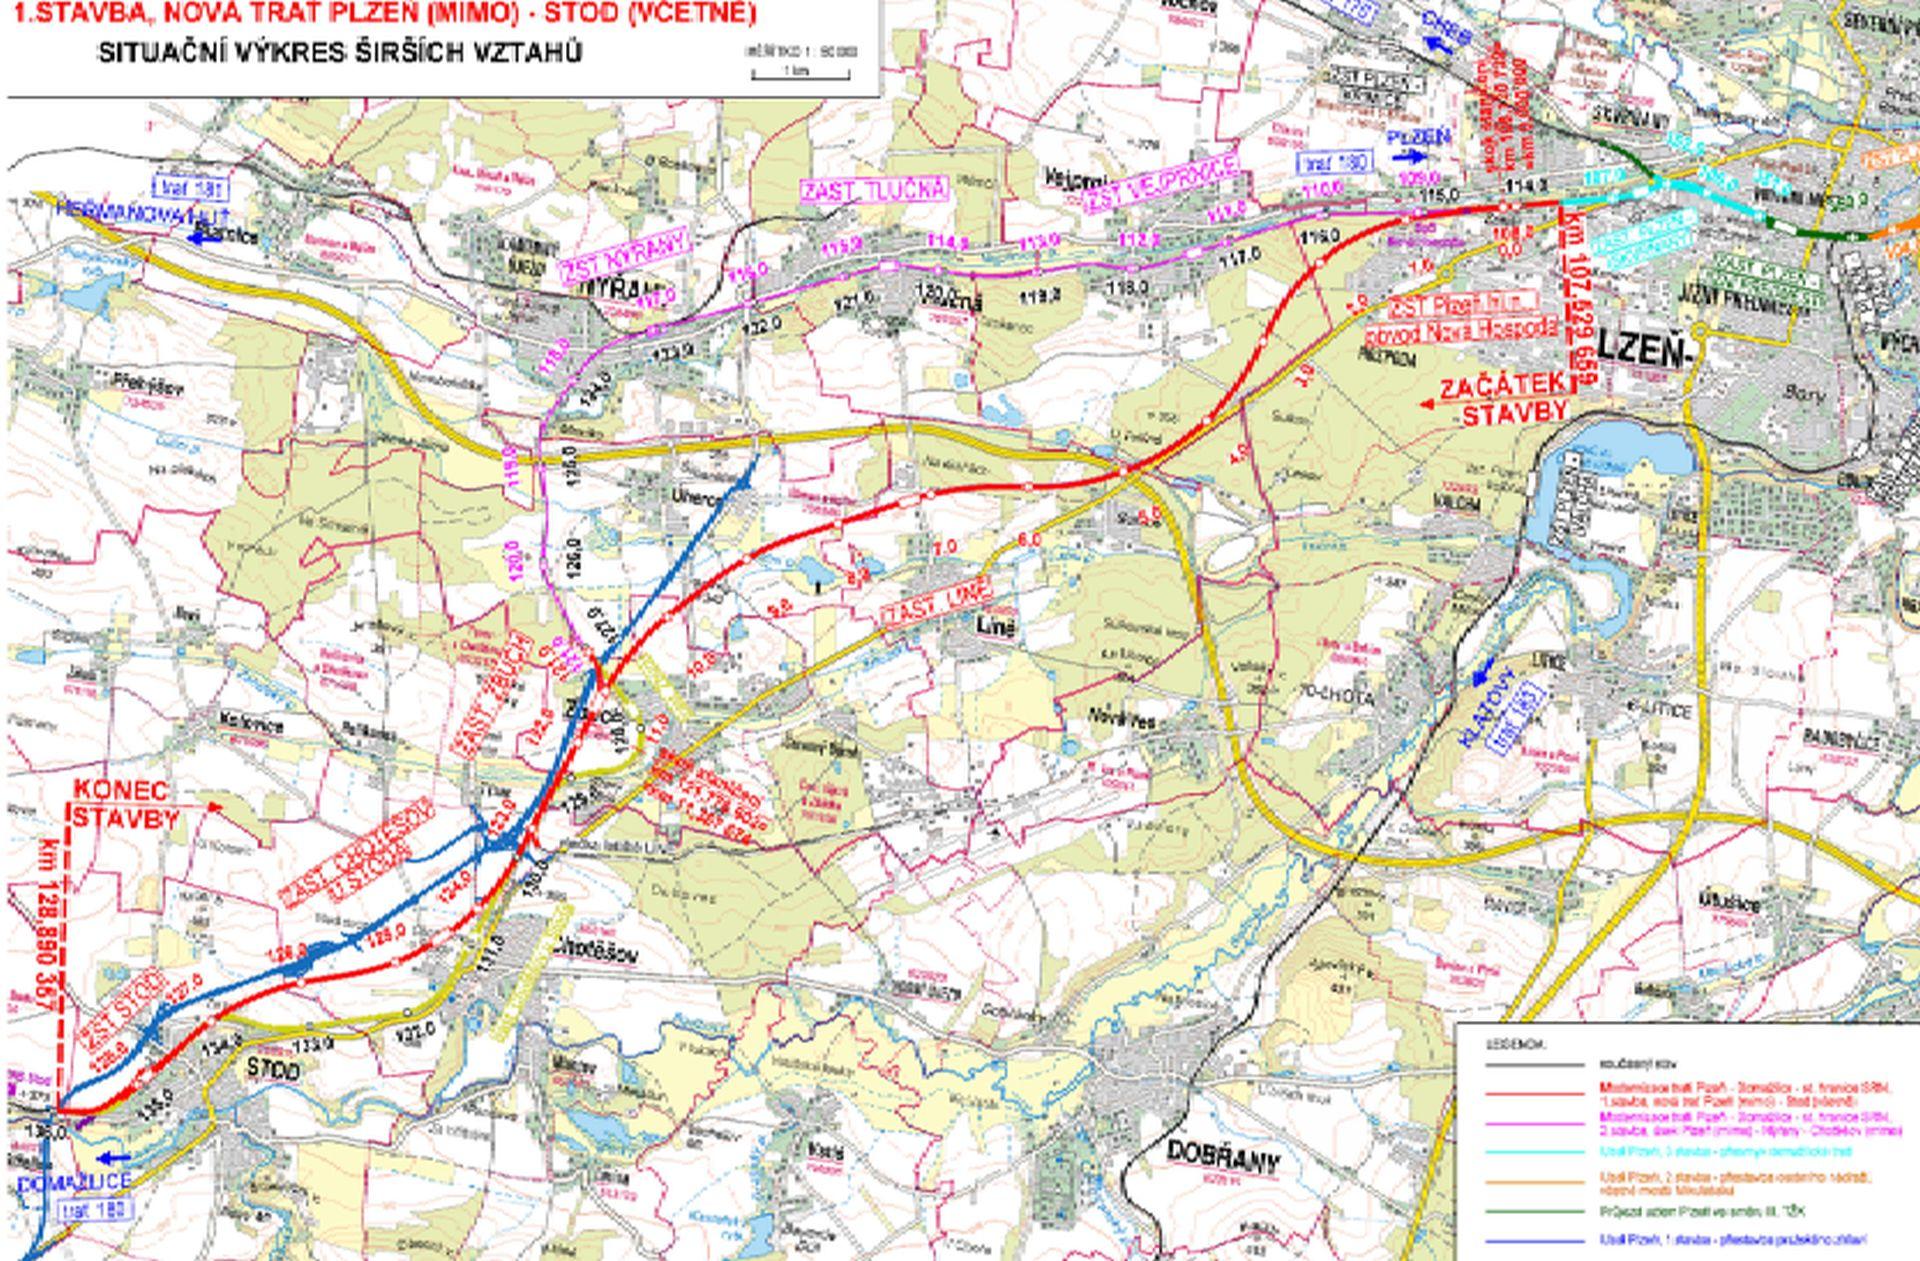 Trasa nové tratě z Plzně do Stodu (červeně), fialově stávající trať. Modře je zakreslena zvažovaná přeložka silnice I/26. Detailnější obrázek je ke stažení zde: https://portal.cenia.cz/eiasea/detail/EIA_OV3074. Foto: SŽDC